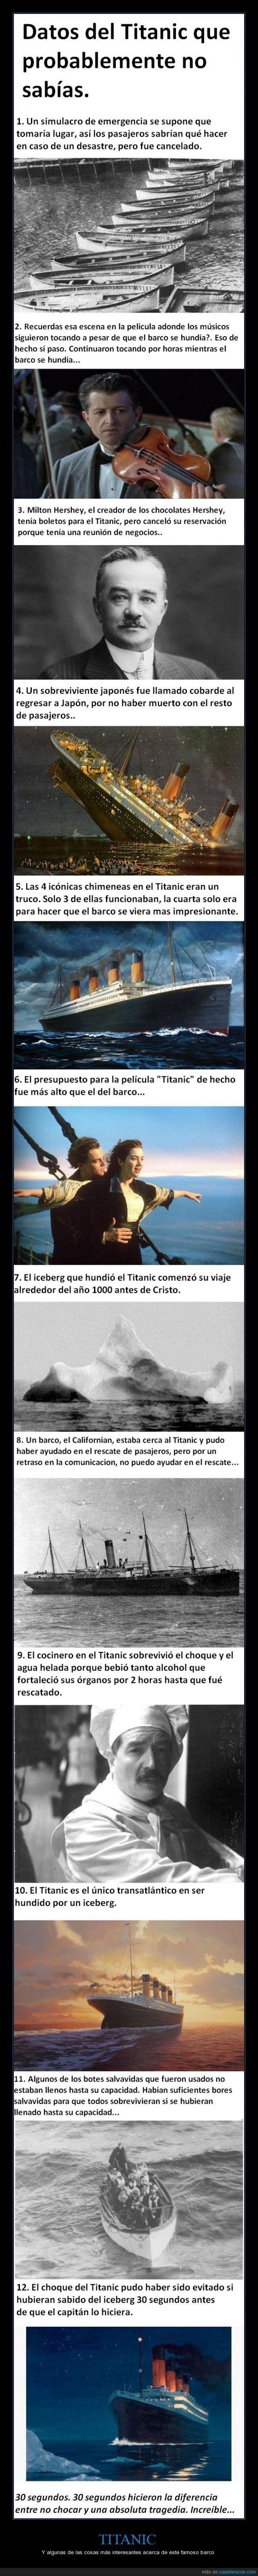 Curiosidades del Titanic que no sabíamos, aún aparecen - Y algunas de las cosas más interesantes acerca de este famoso barco